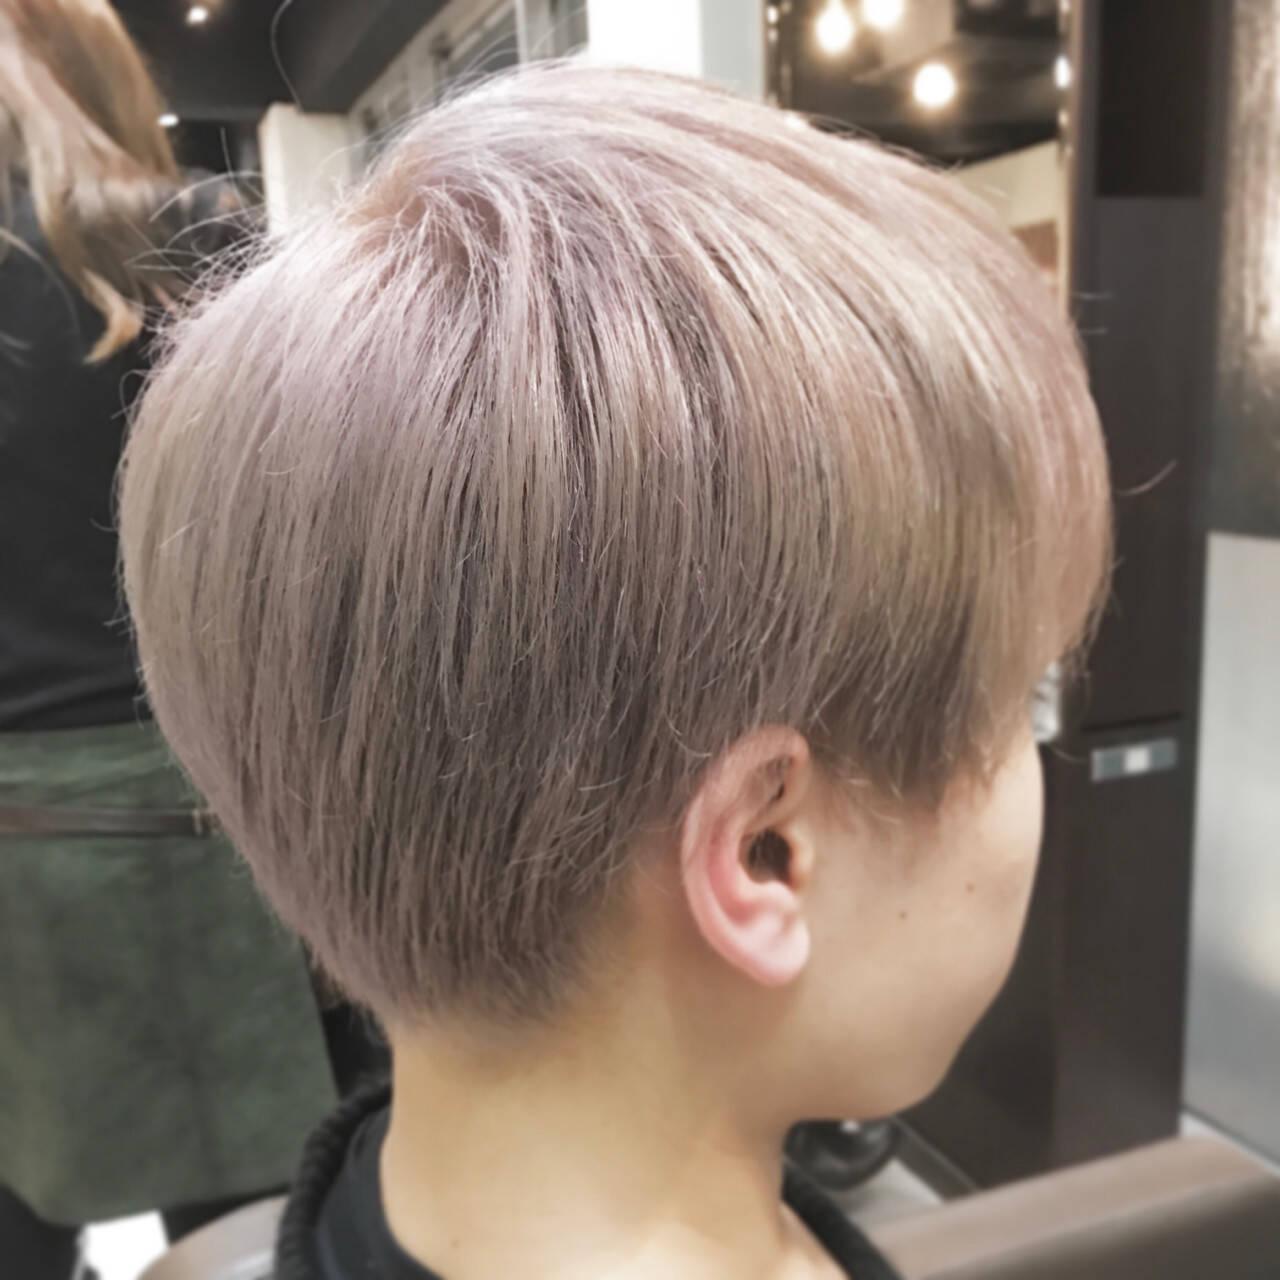 マッシュ モード ショート シルバーヘアスタイルや髪型の写真・画像